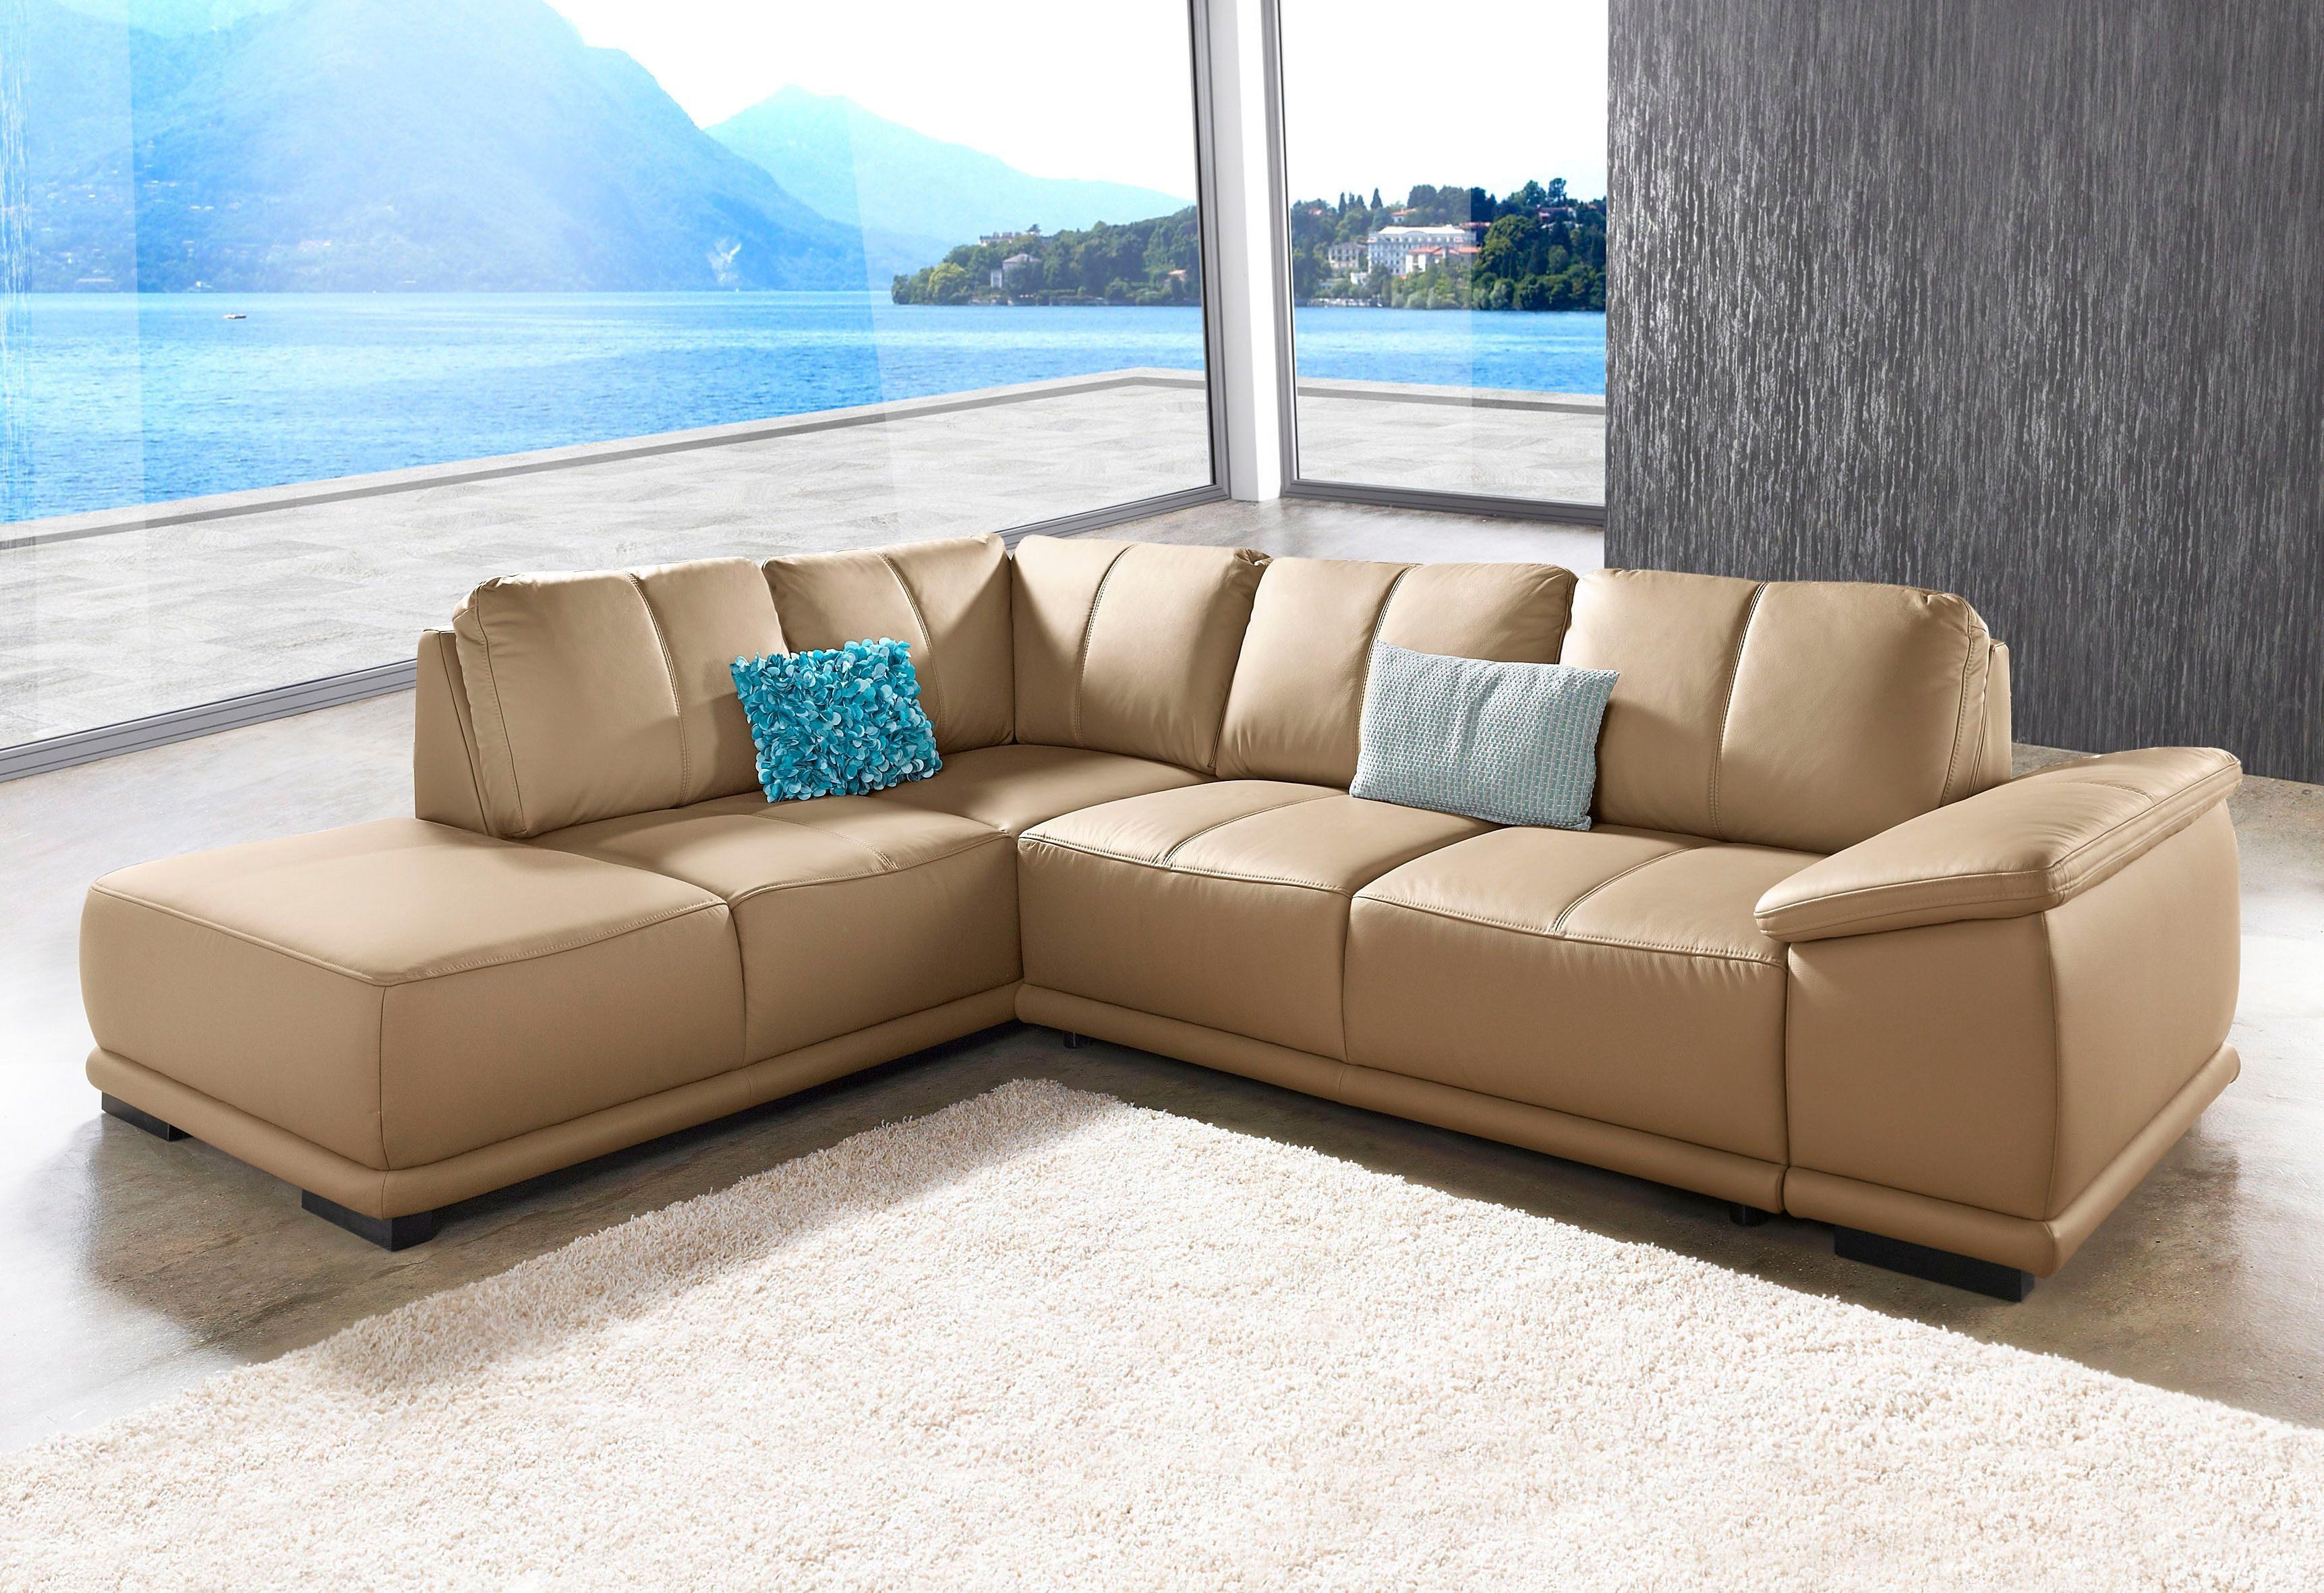 sit&more Polsterecke   Wohnzimmer > Sofas & Couches > Ecksofas & Eckcouches   Microfaser - Kunstleder   SIT&MORE